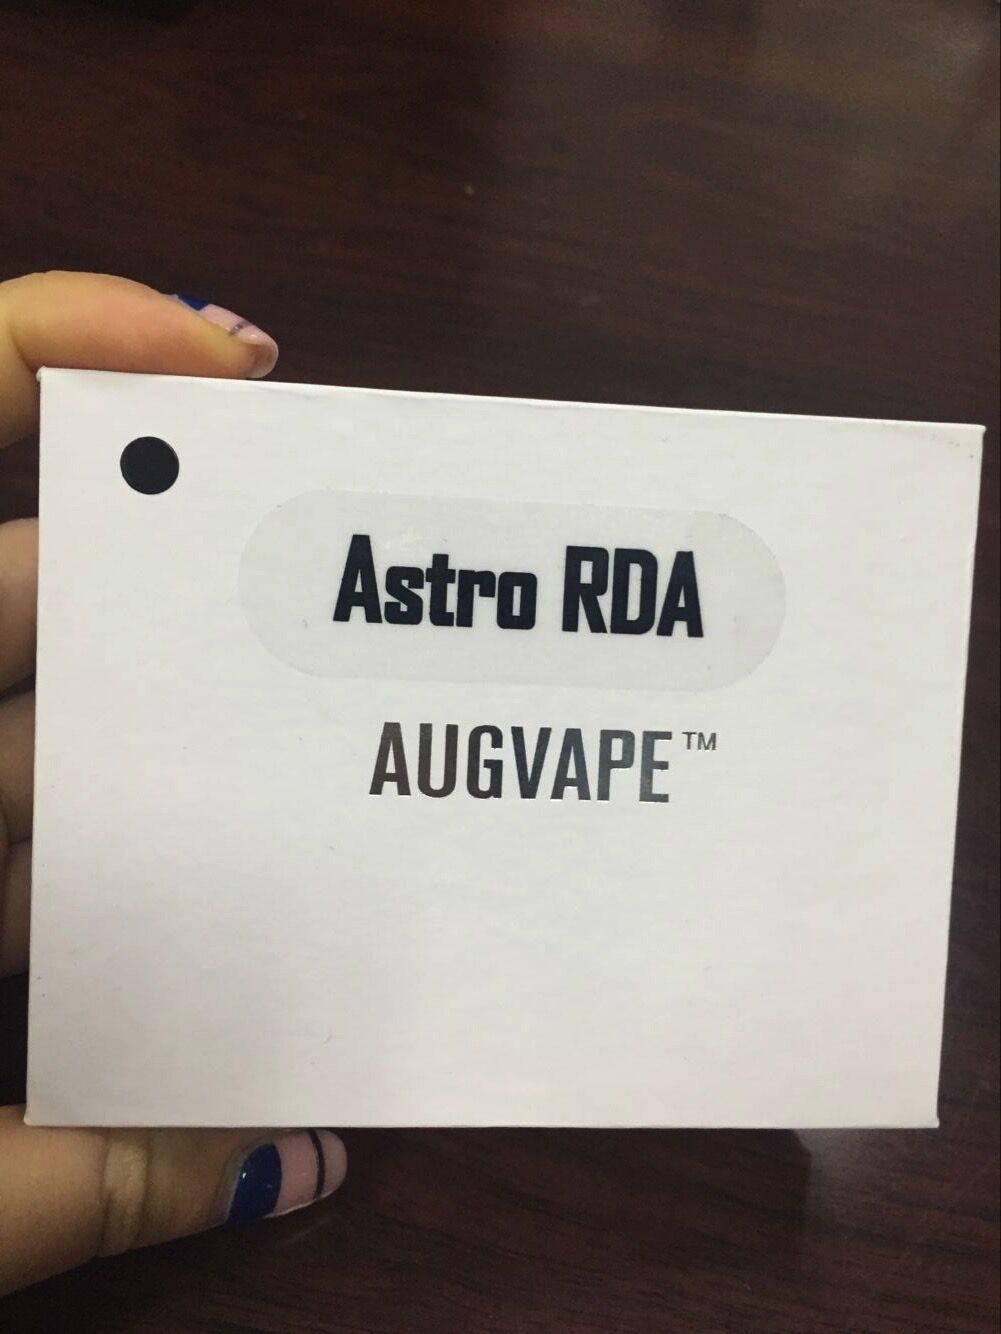 Augvape Astro RDA